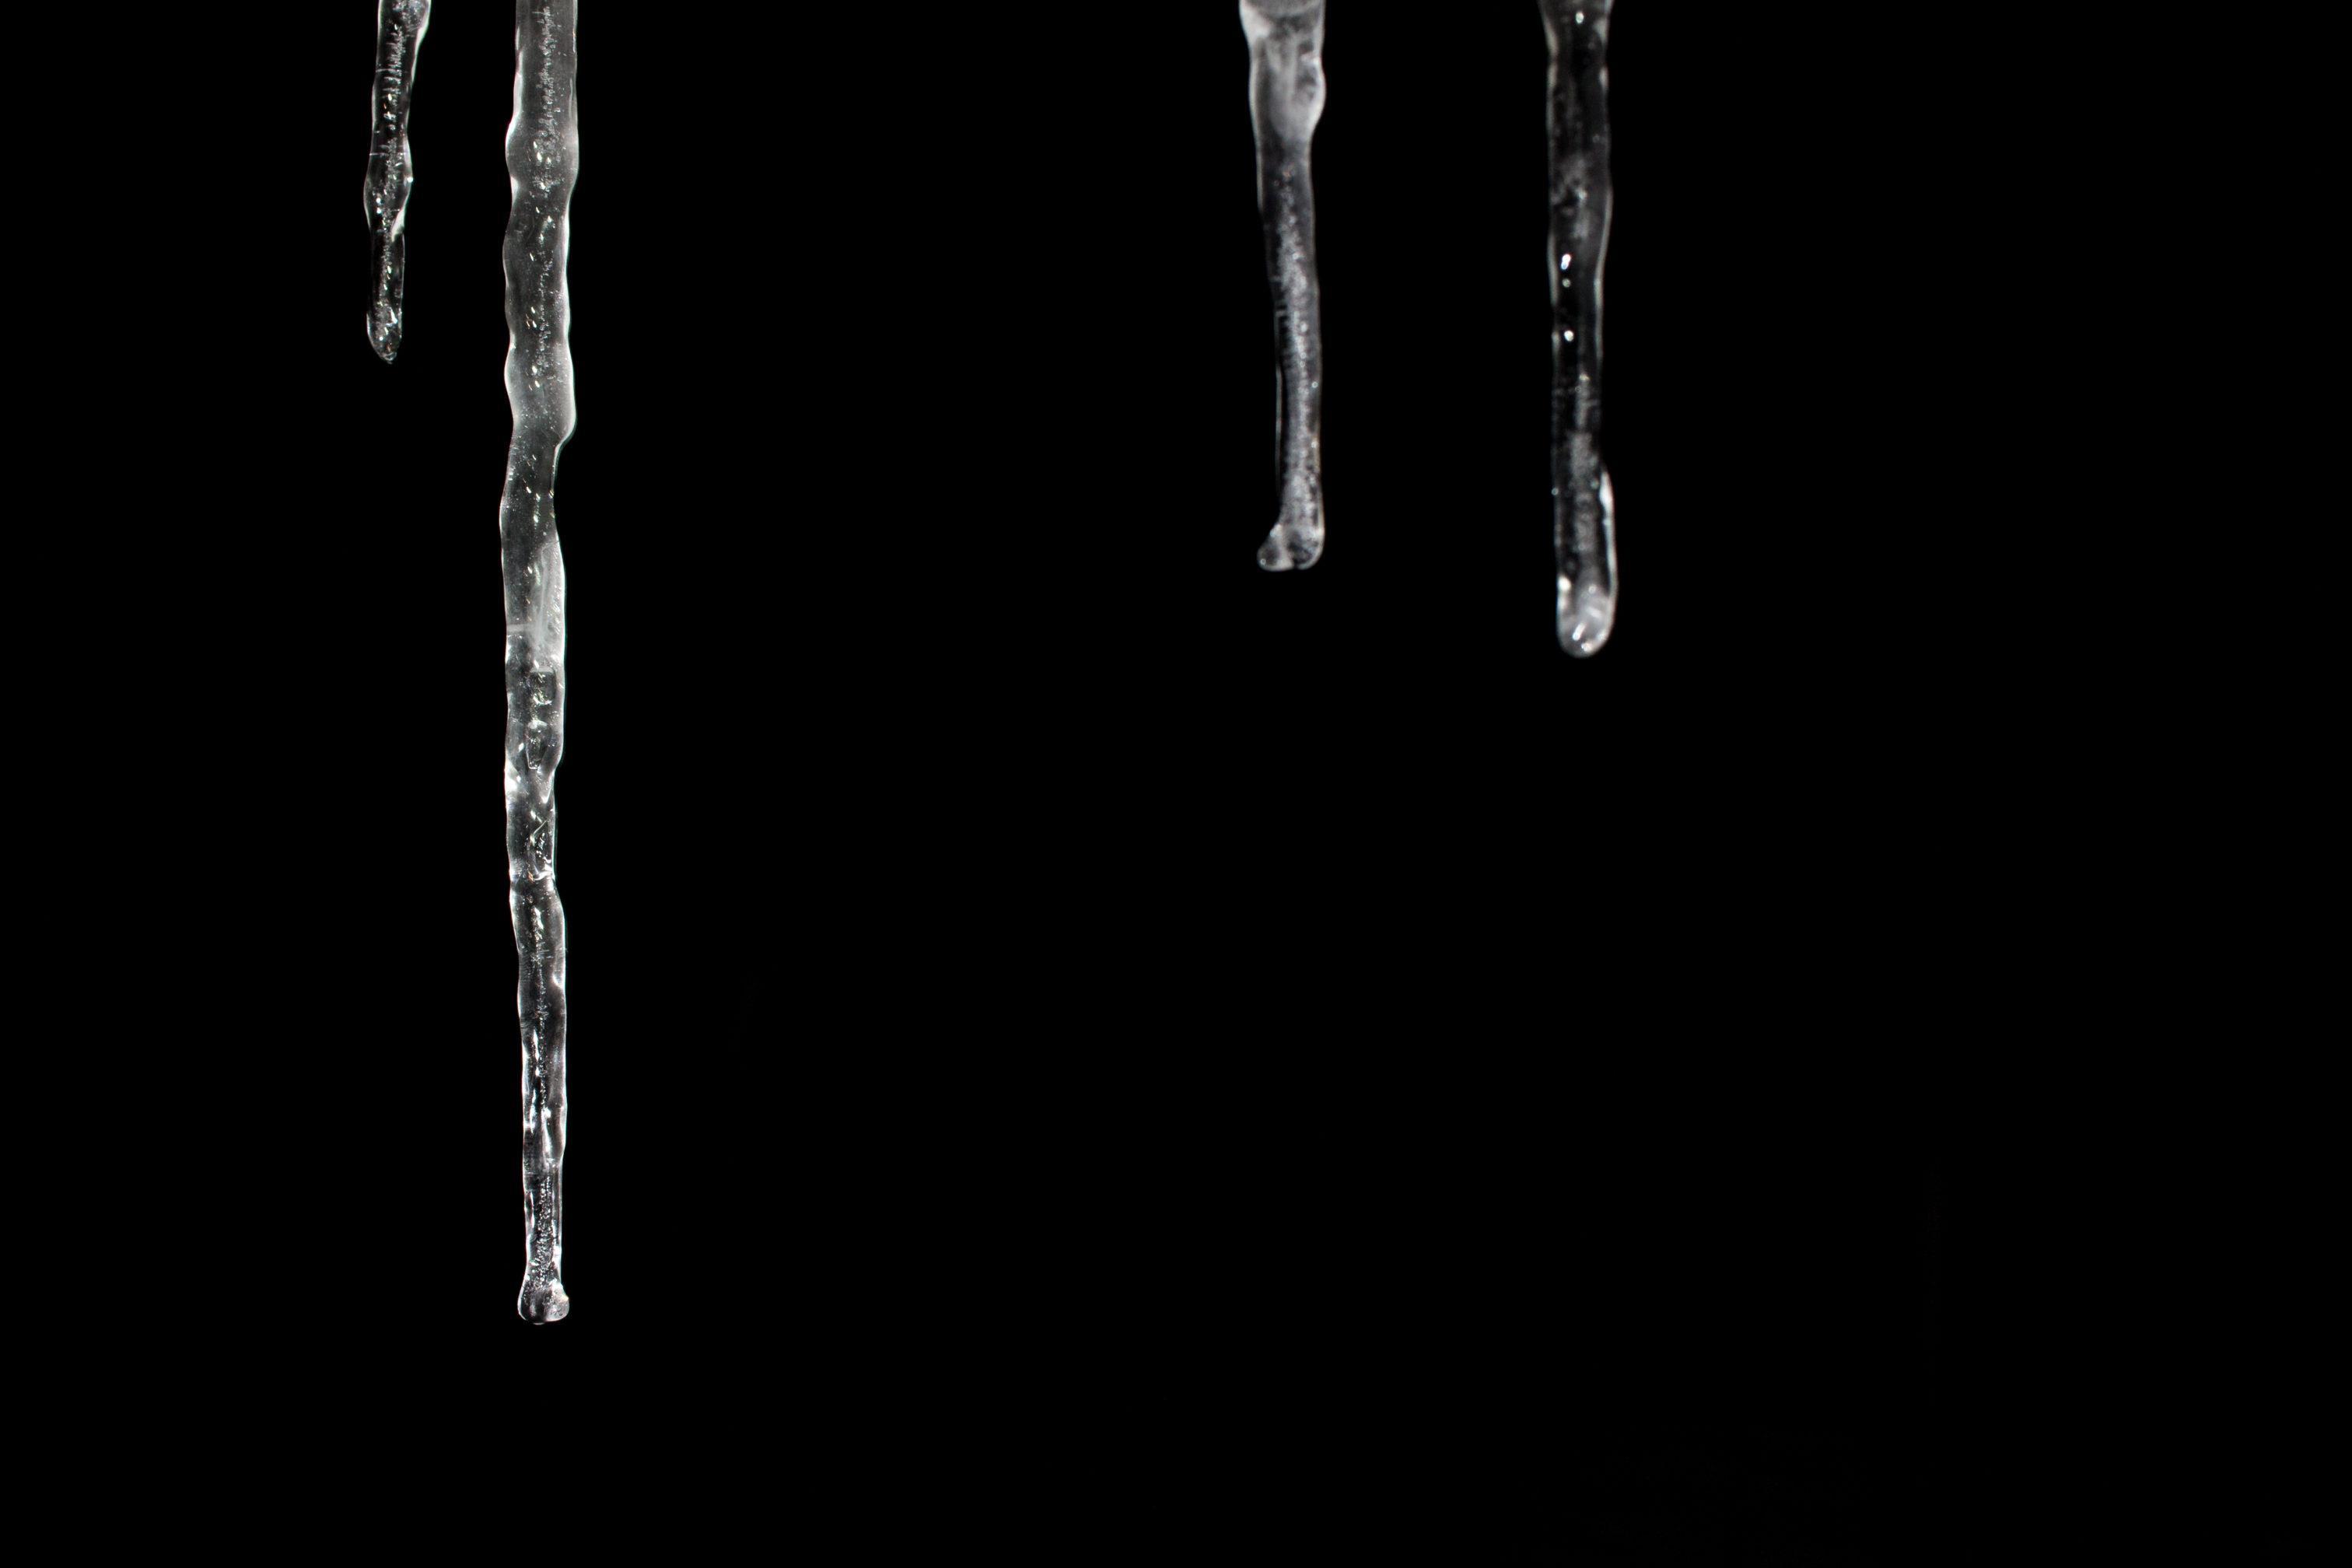 Hier wurde der Hintergrund unterbelichtet und nur die Eiszapfen wurden vom Blitz ausgeleuchtet